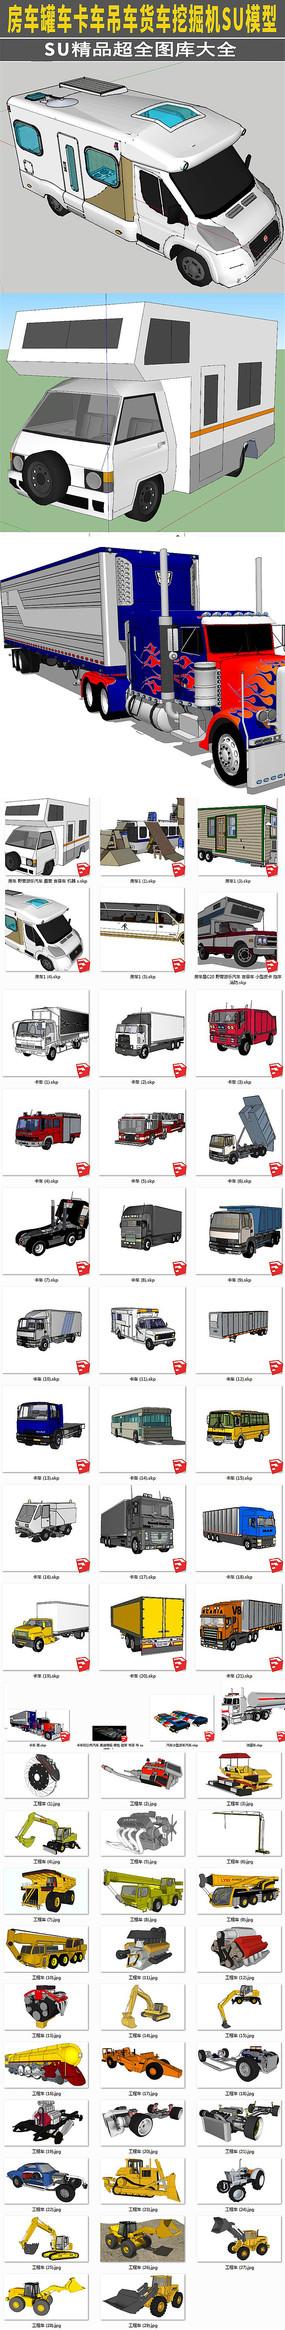 65款交通工具房车罐车卡车吊车货车挖掘机 skp